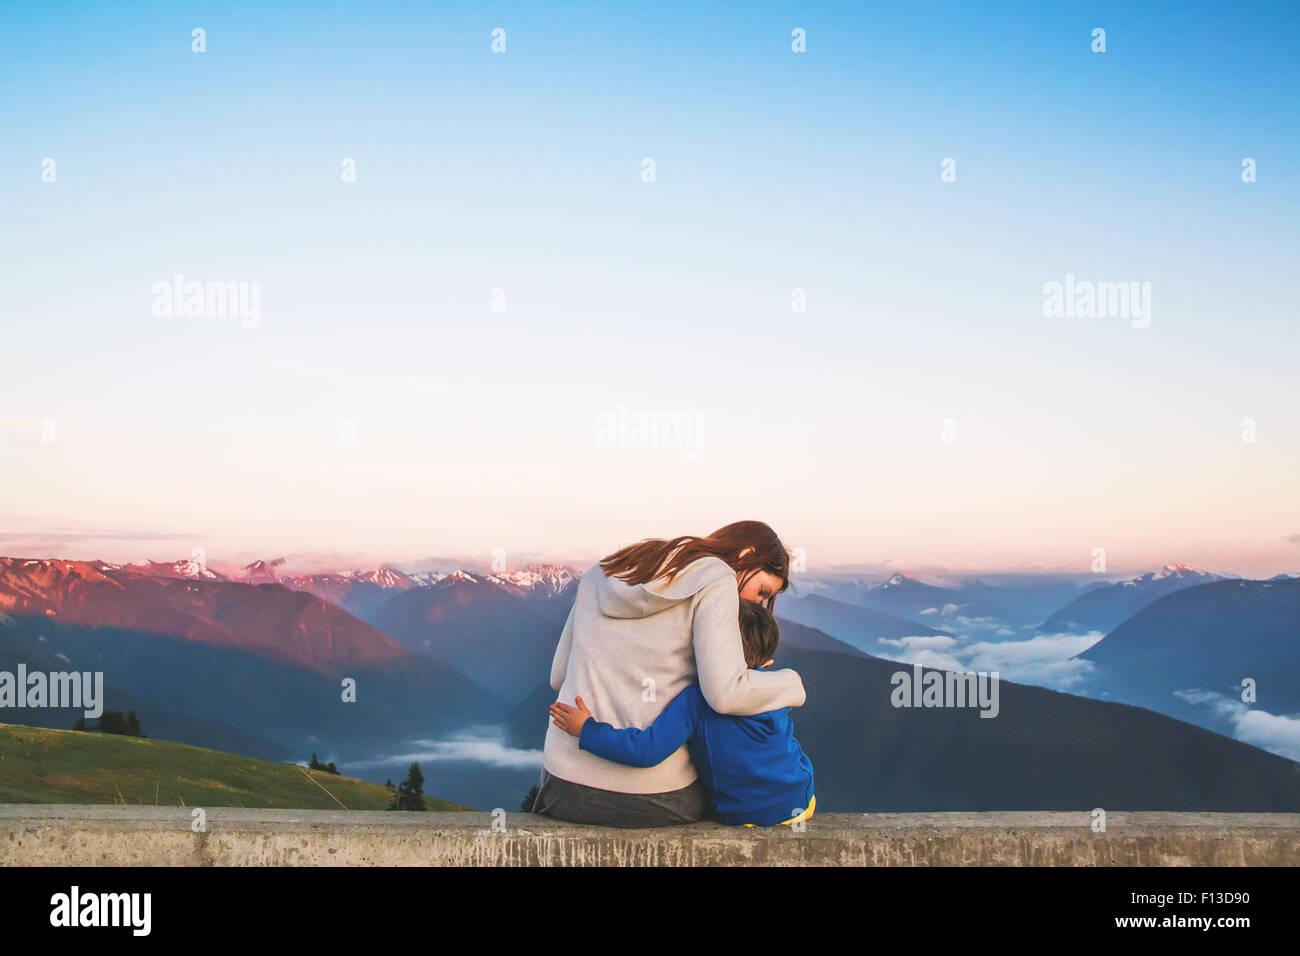 Vista trasera de una mujer sentada sobre una pared abrazando a su hijo Imagen De Stock